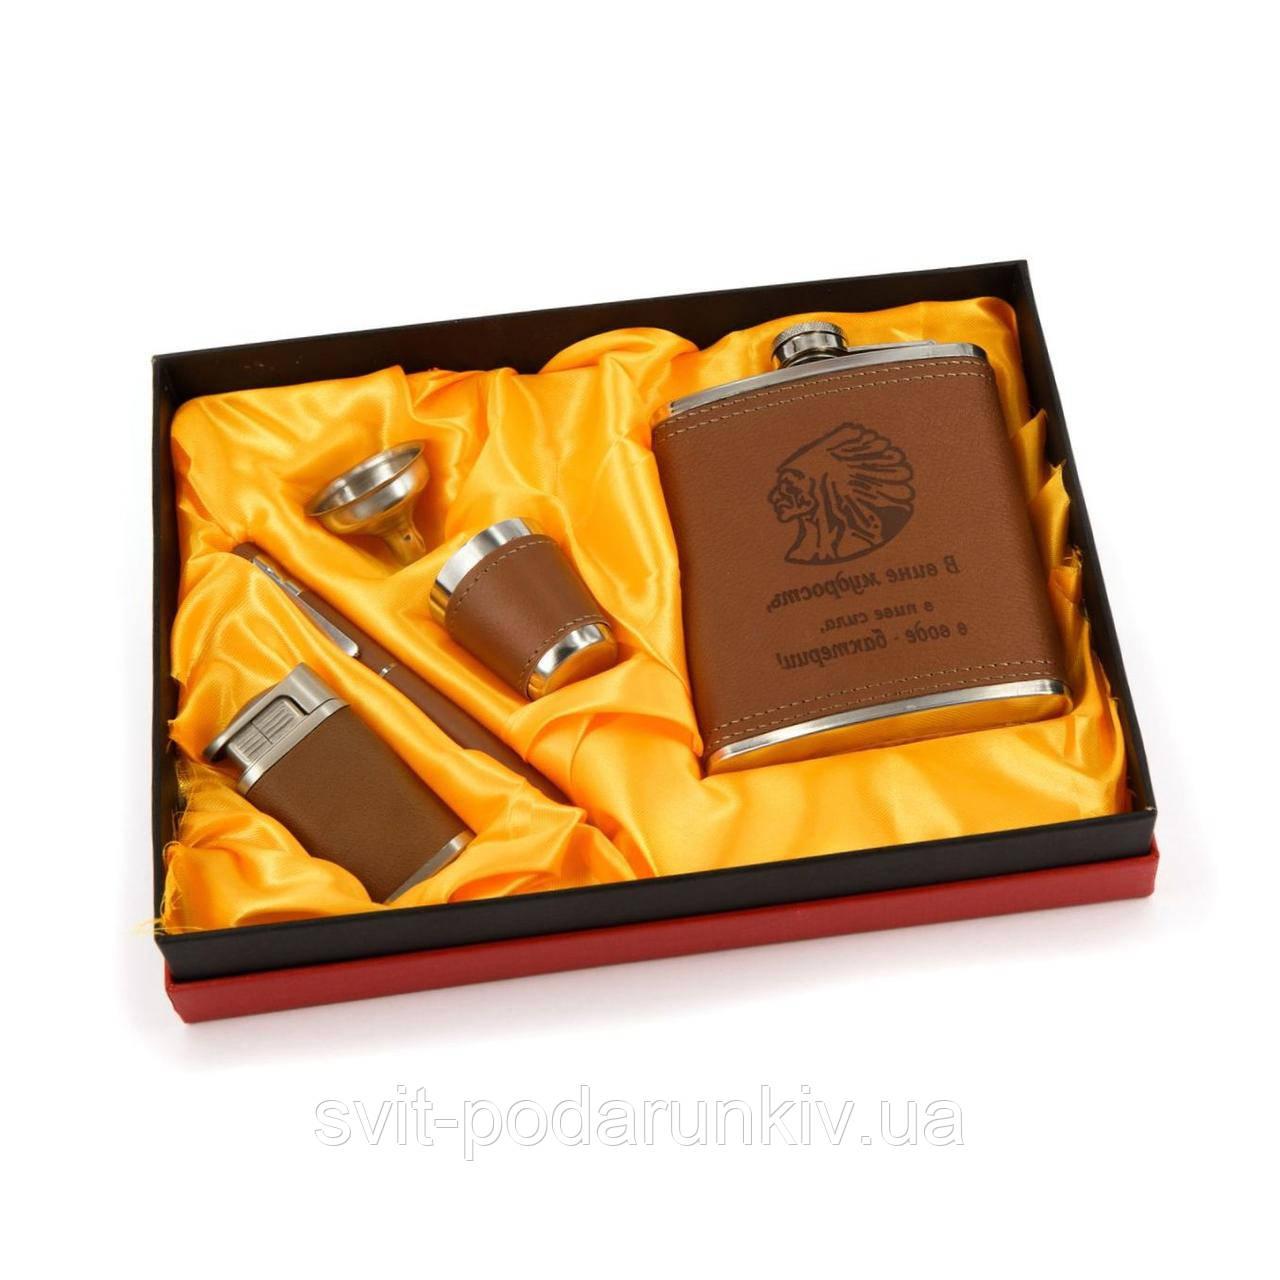 Подарочная фляга для алкоголя ручка воронка стакан зажигалка AS103